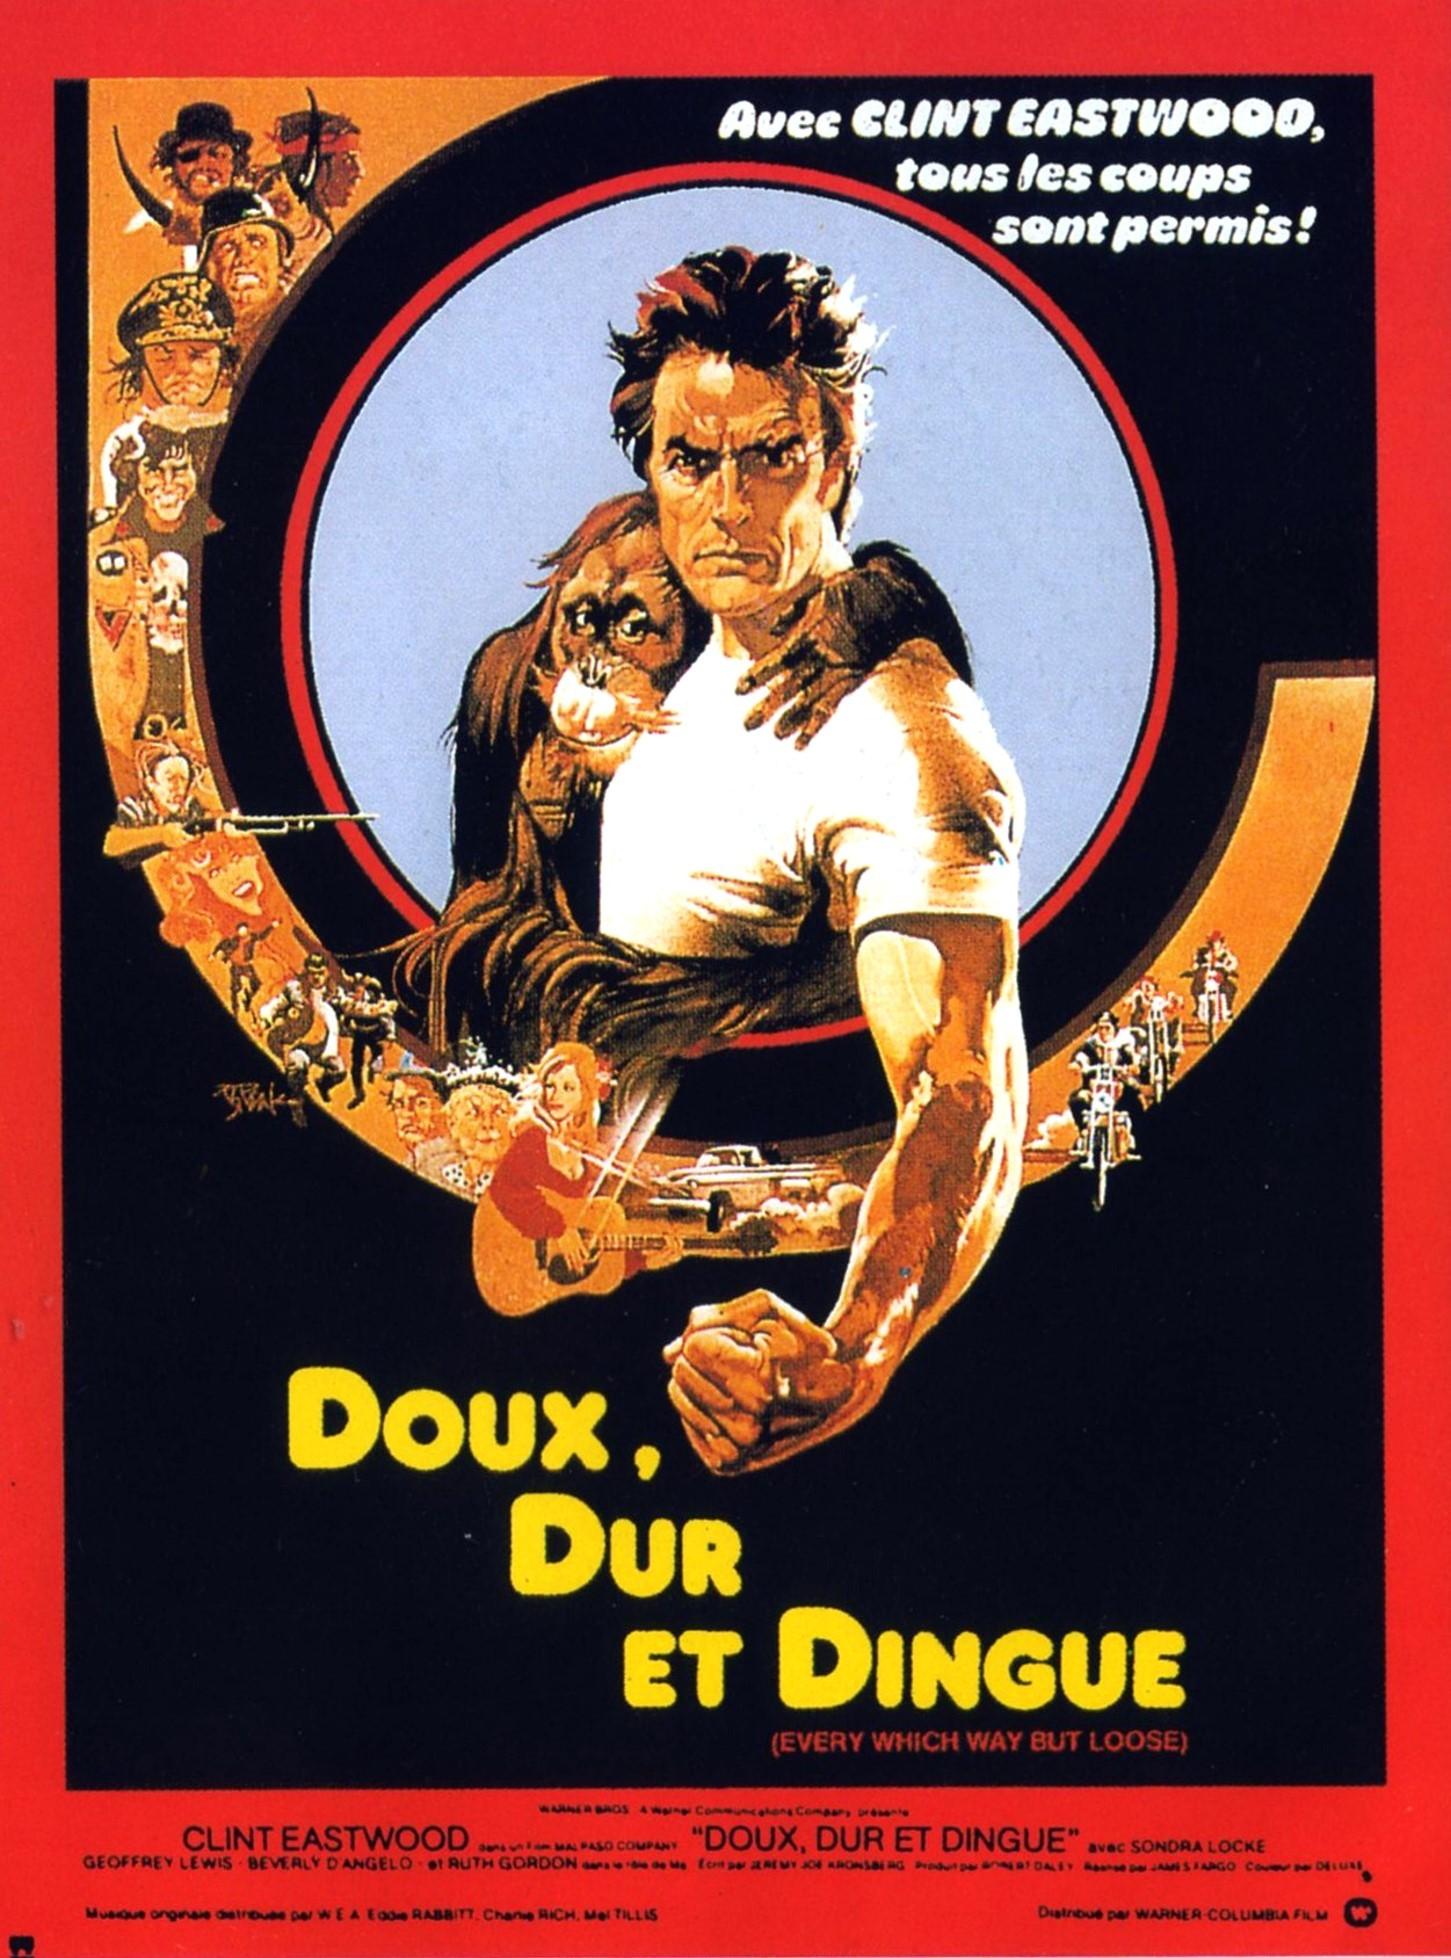 affiche du film Doux, dur et dingue